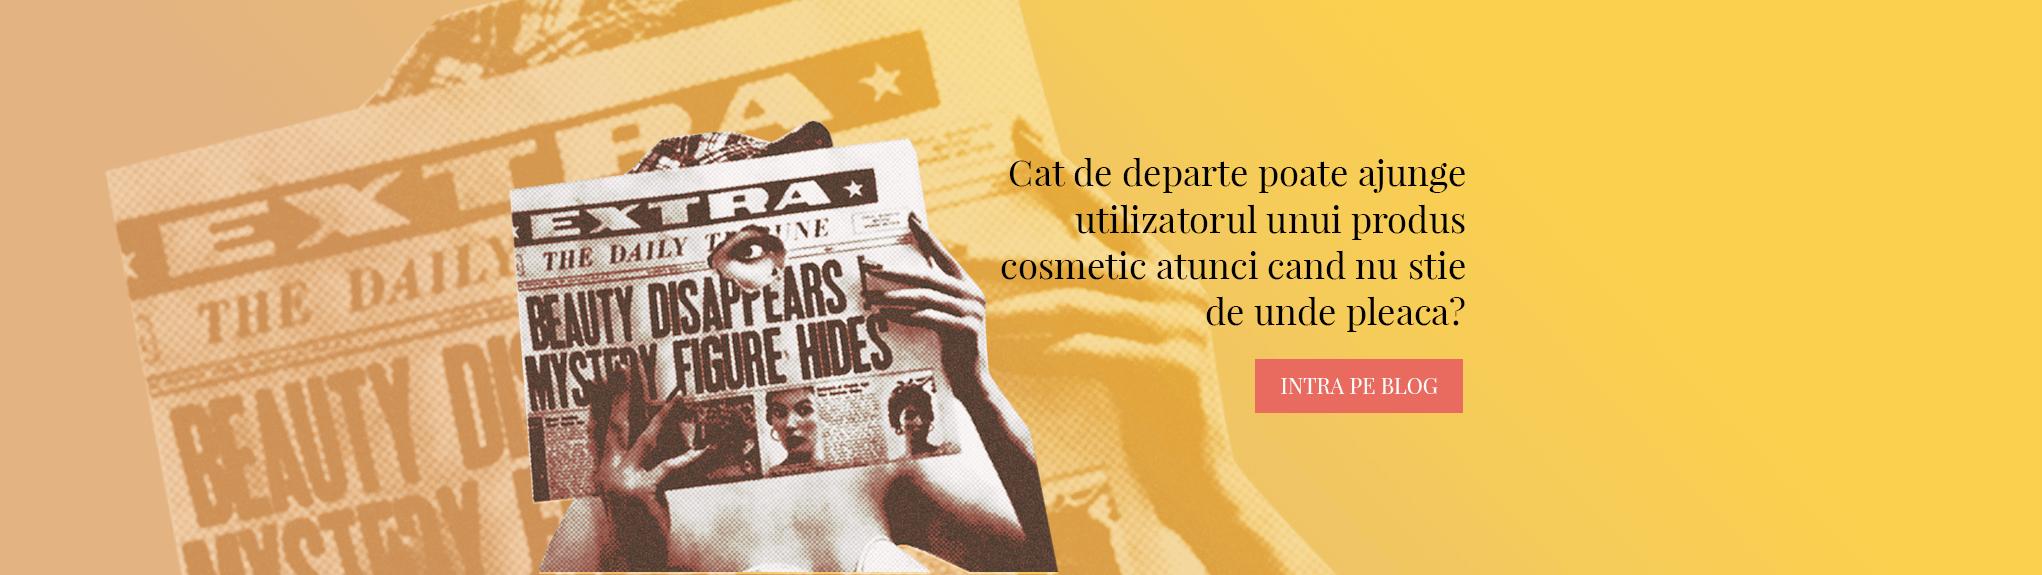 femeie citeste ziar produse dermatocosmetice